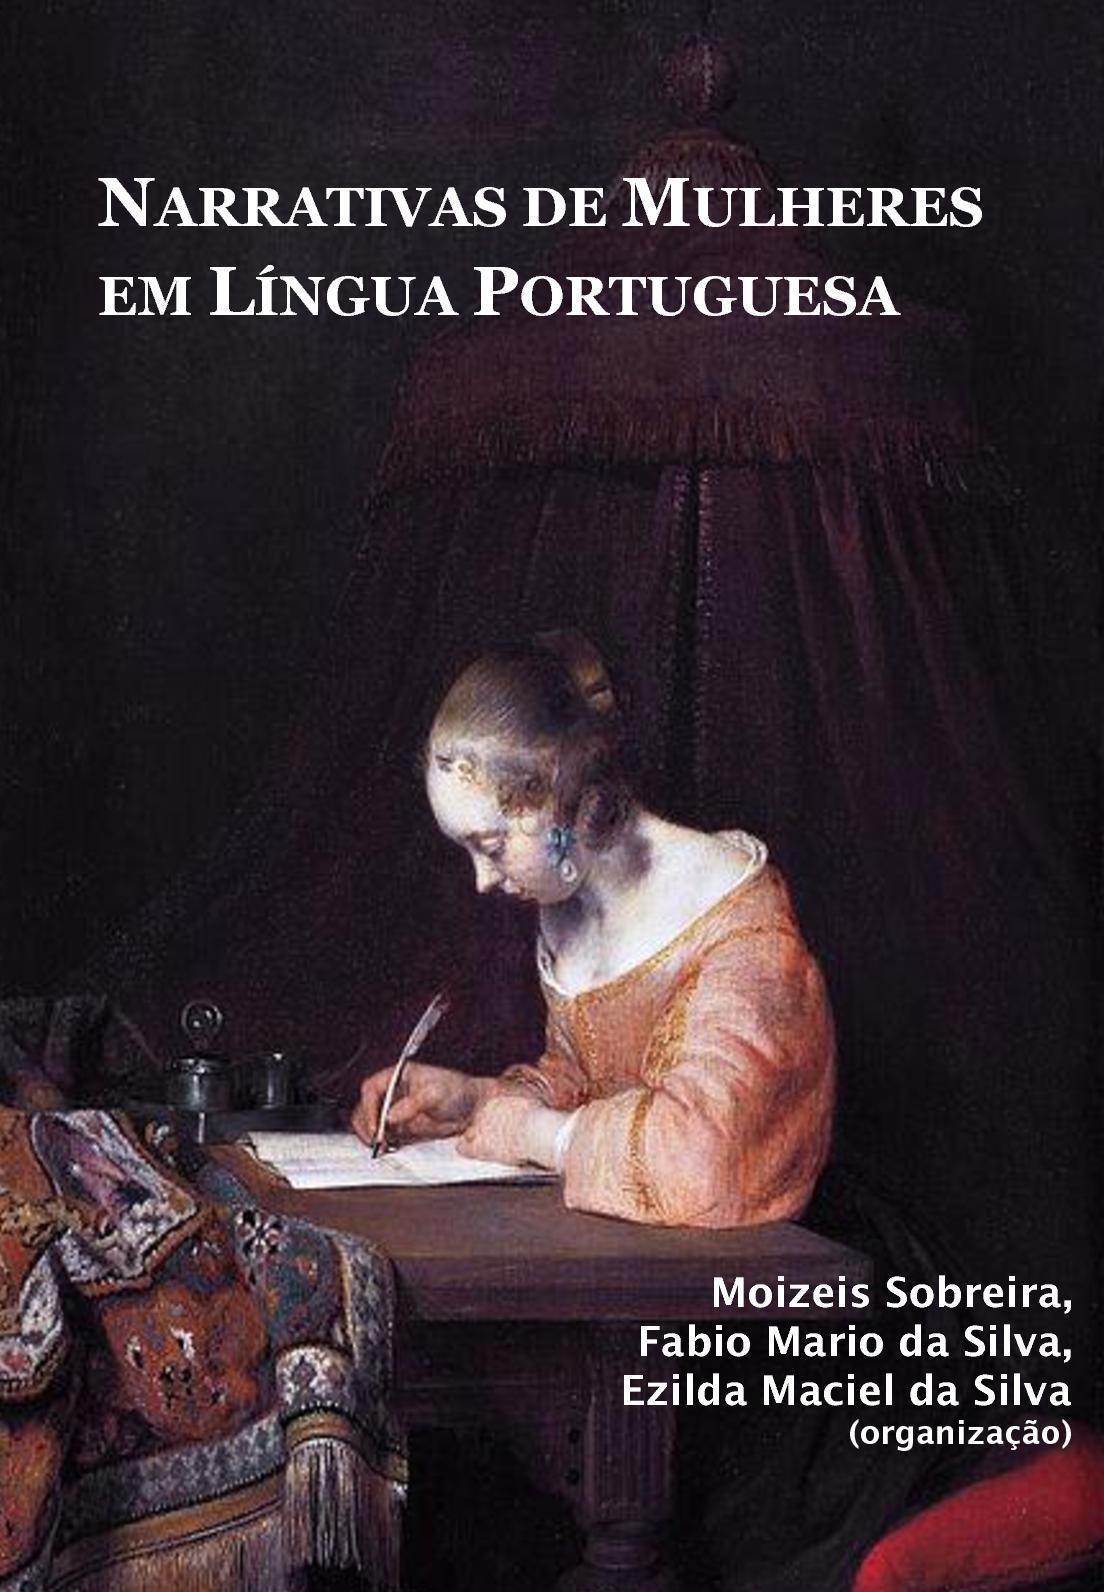 d19e661b19 Calaméo - Narrativas de Mulheres em Língua Portuguesa